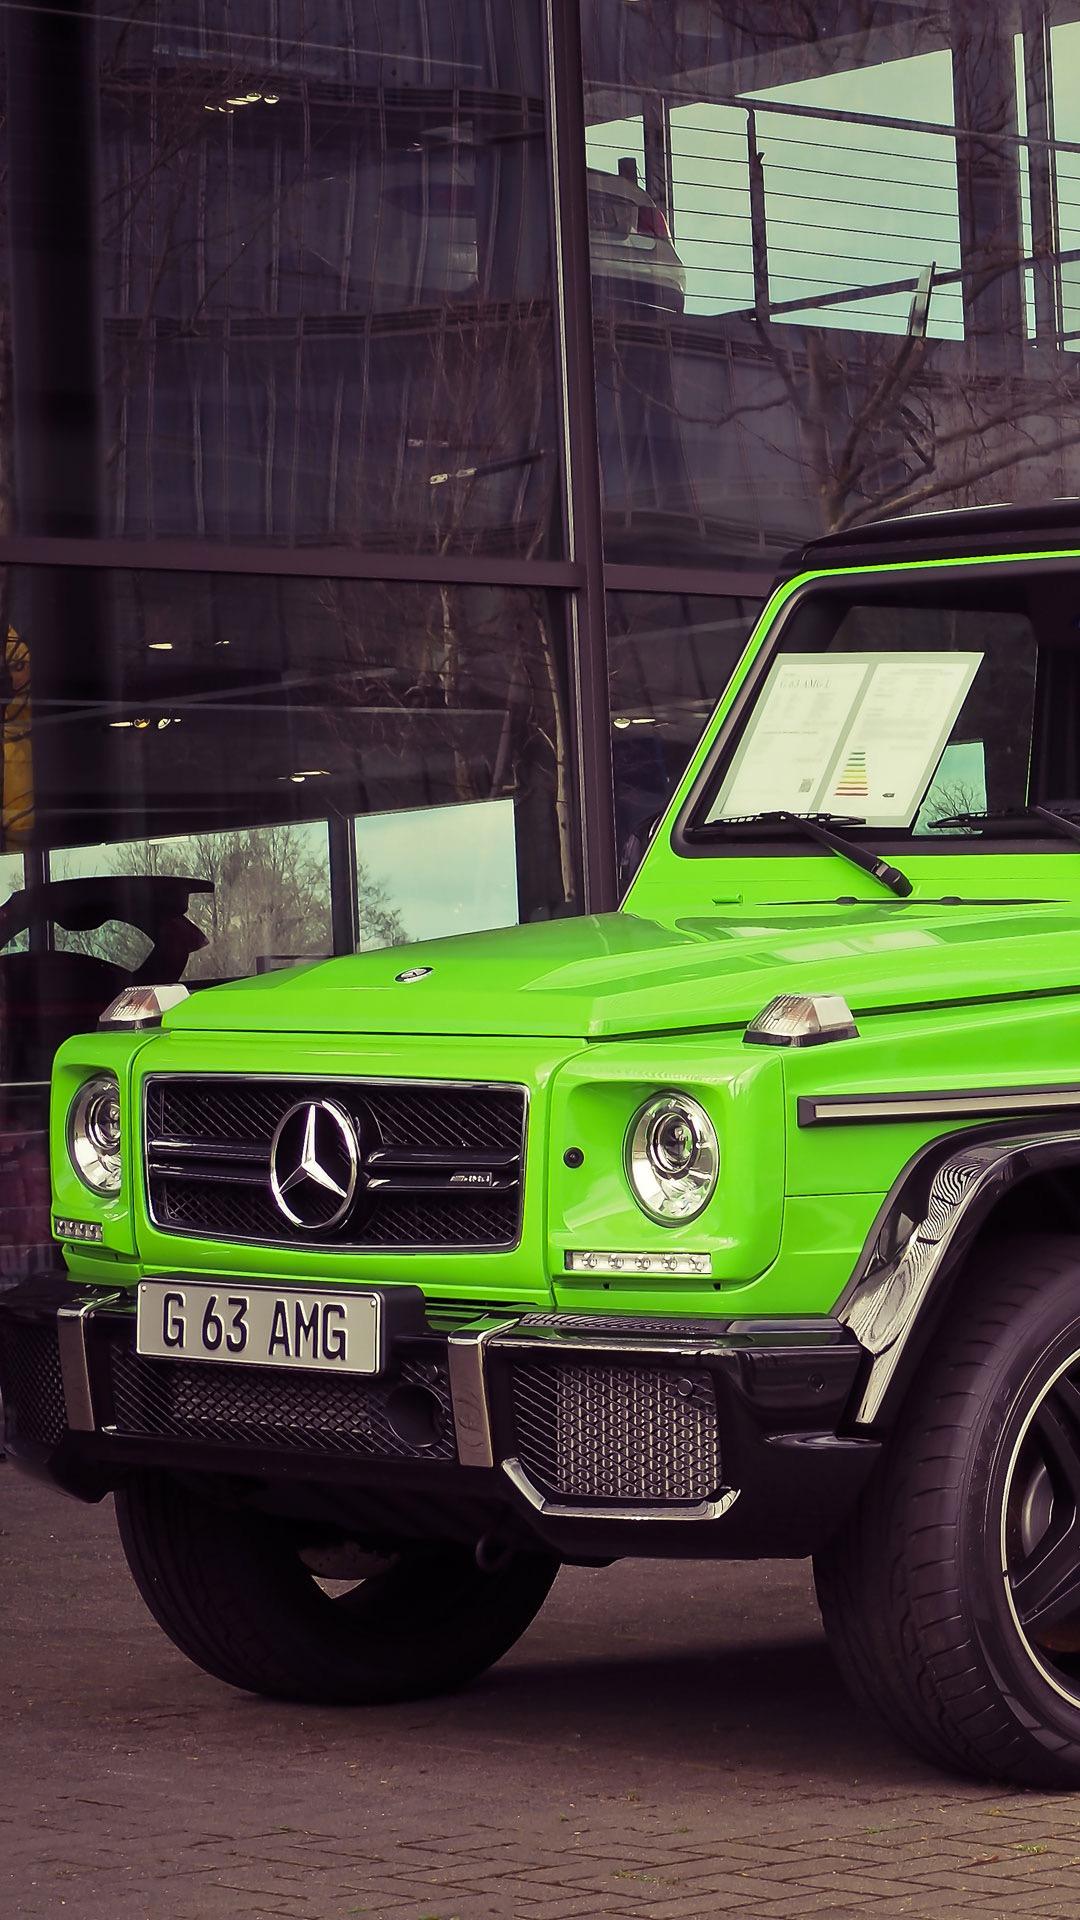 奔馳 越野車 吉普 山地 綠色 名車 蘋果手機高清壁紙